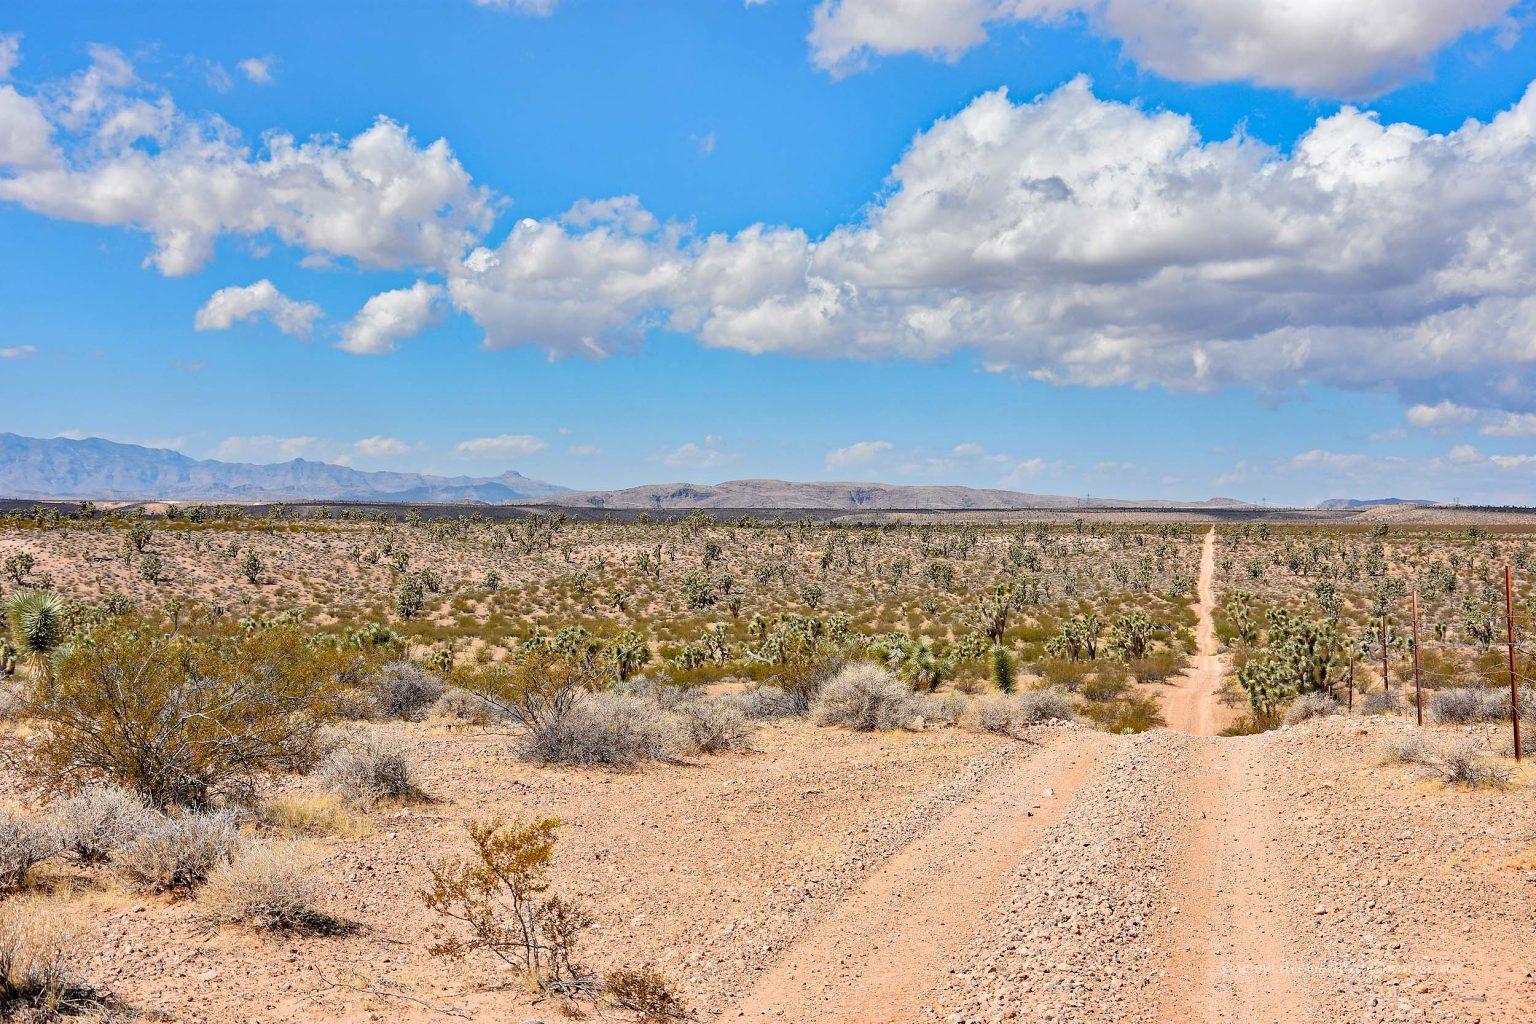 Schotterpiste in der Mojave-Wüste